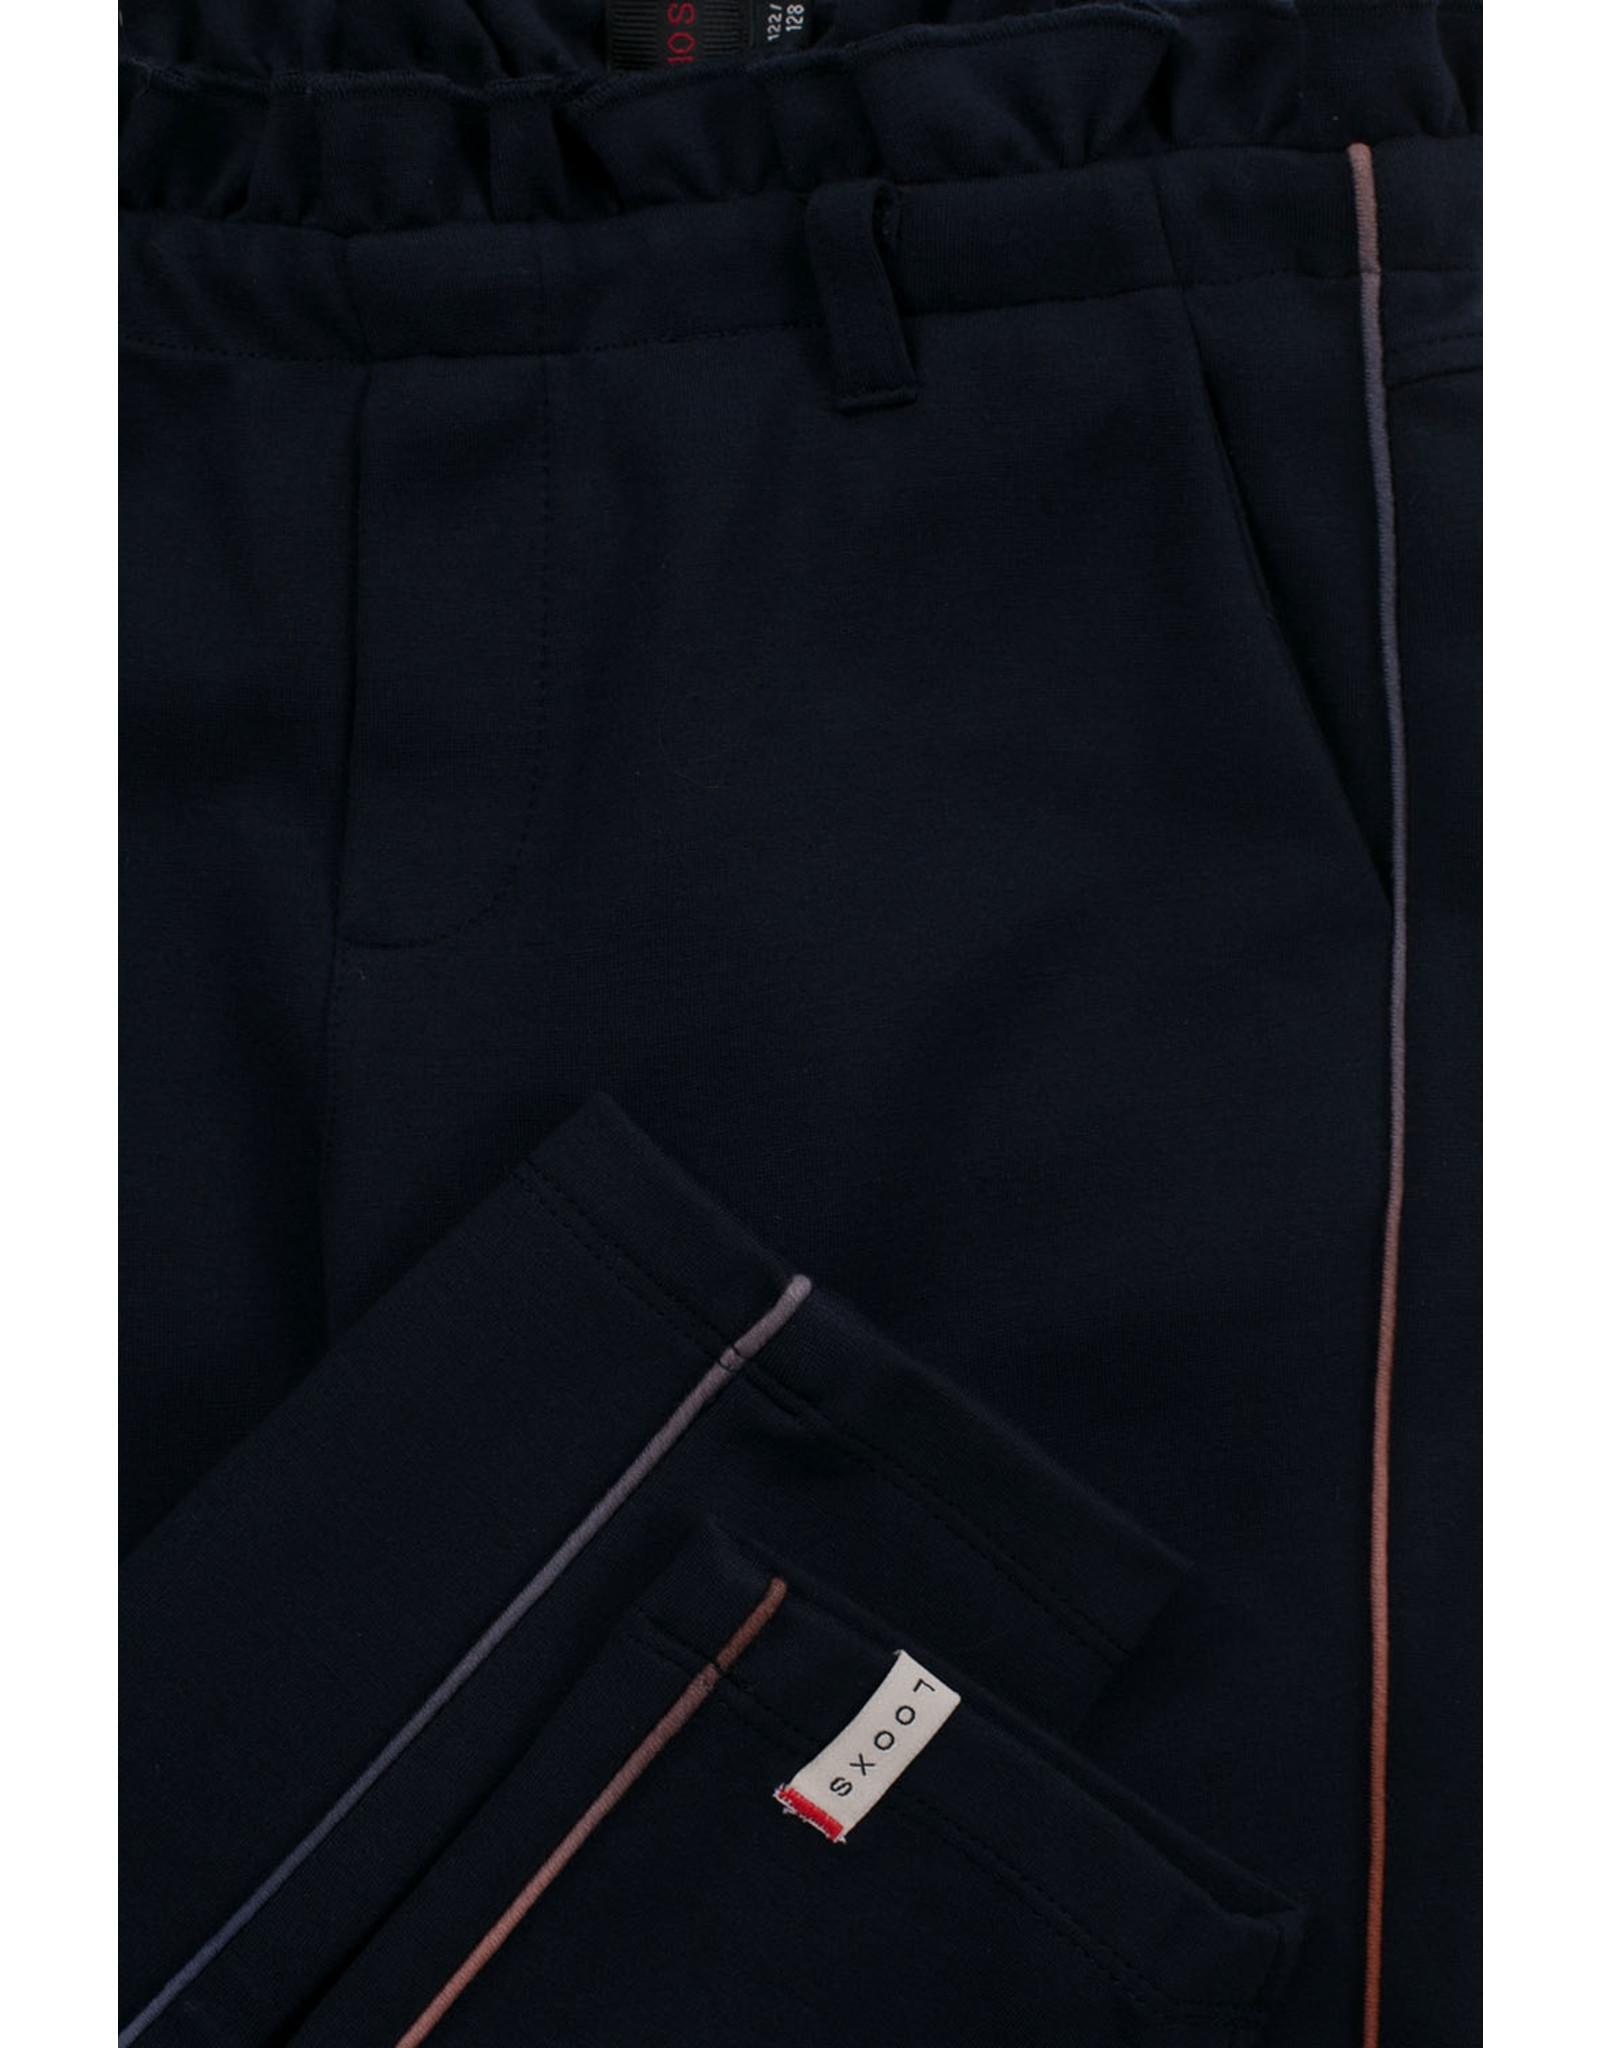 Looxs 10Sixteen paperbag pants navy